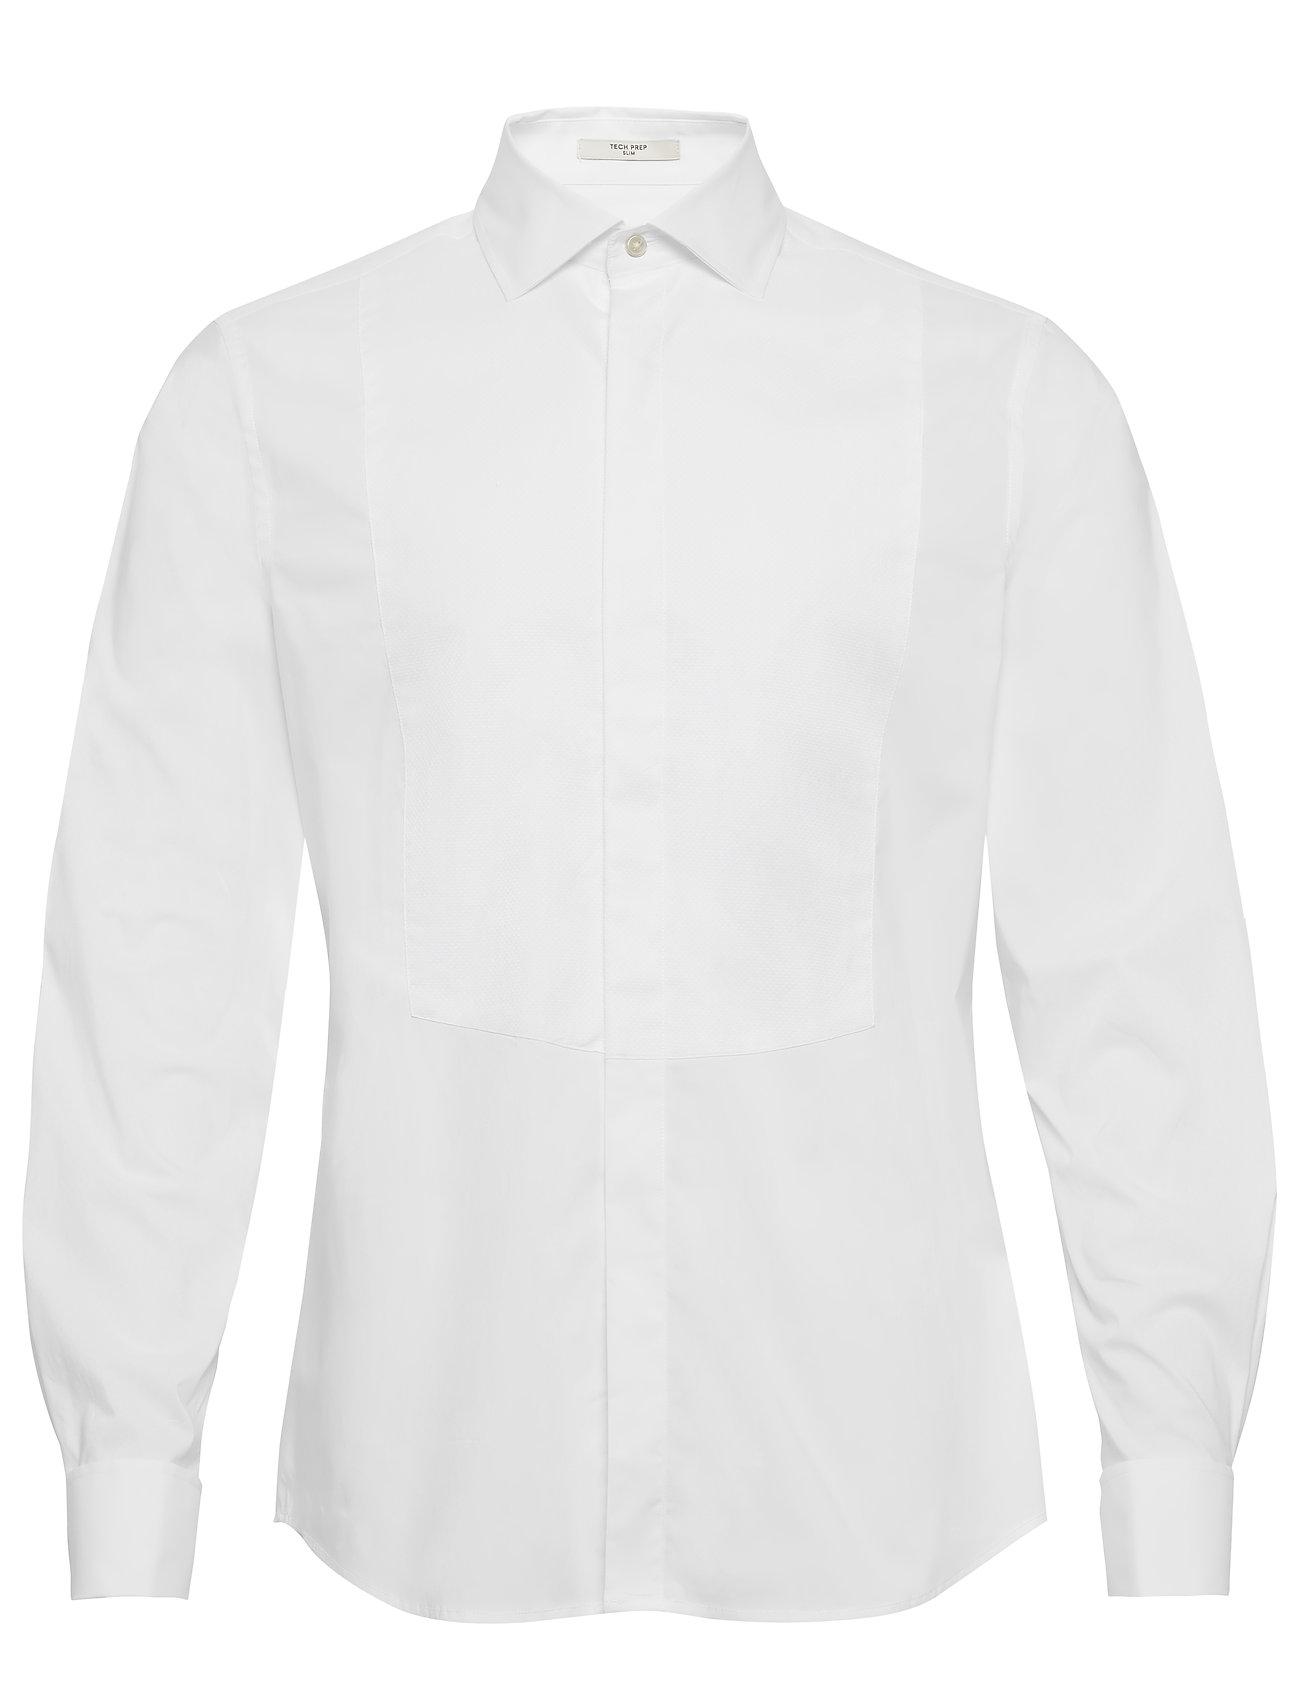 Gant G1. TP TUXEDO SHIRT SLIM SPREAD - WHITE